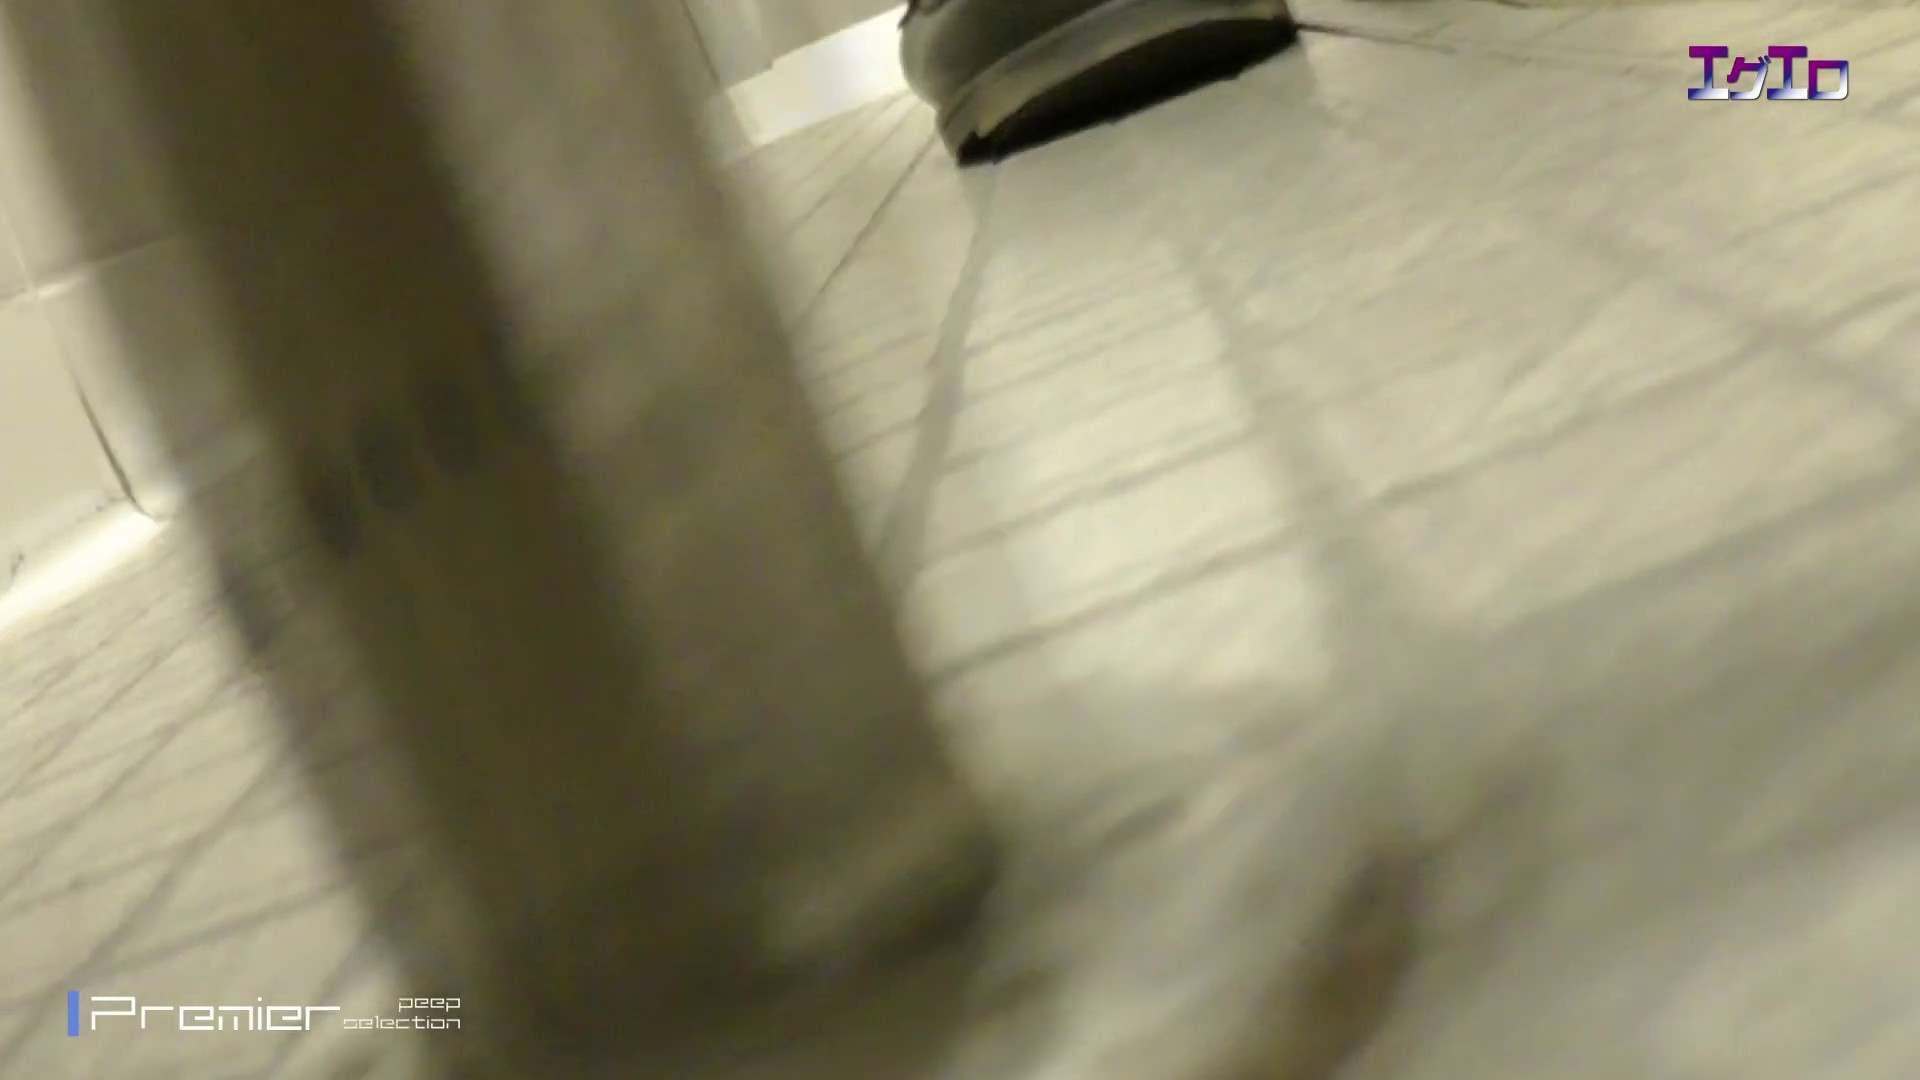 執念の撮影&追撮!!某女子校の通学路にあるトイレ 至近距離洗面所 Vol.16 美肌  84PIX 32